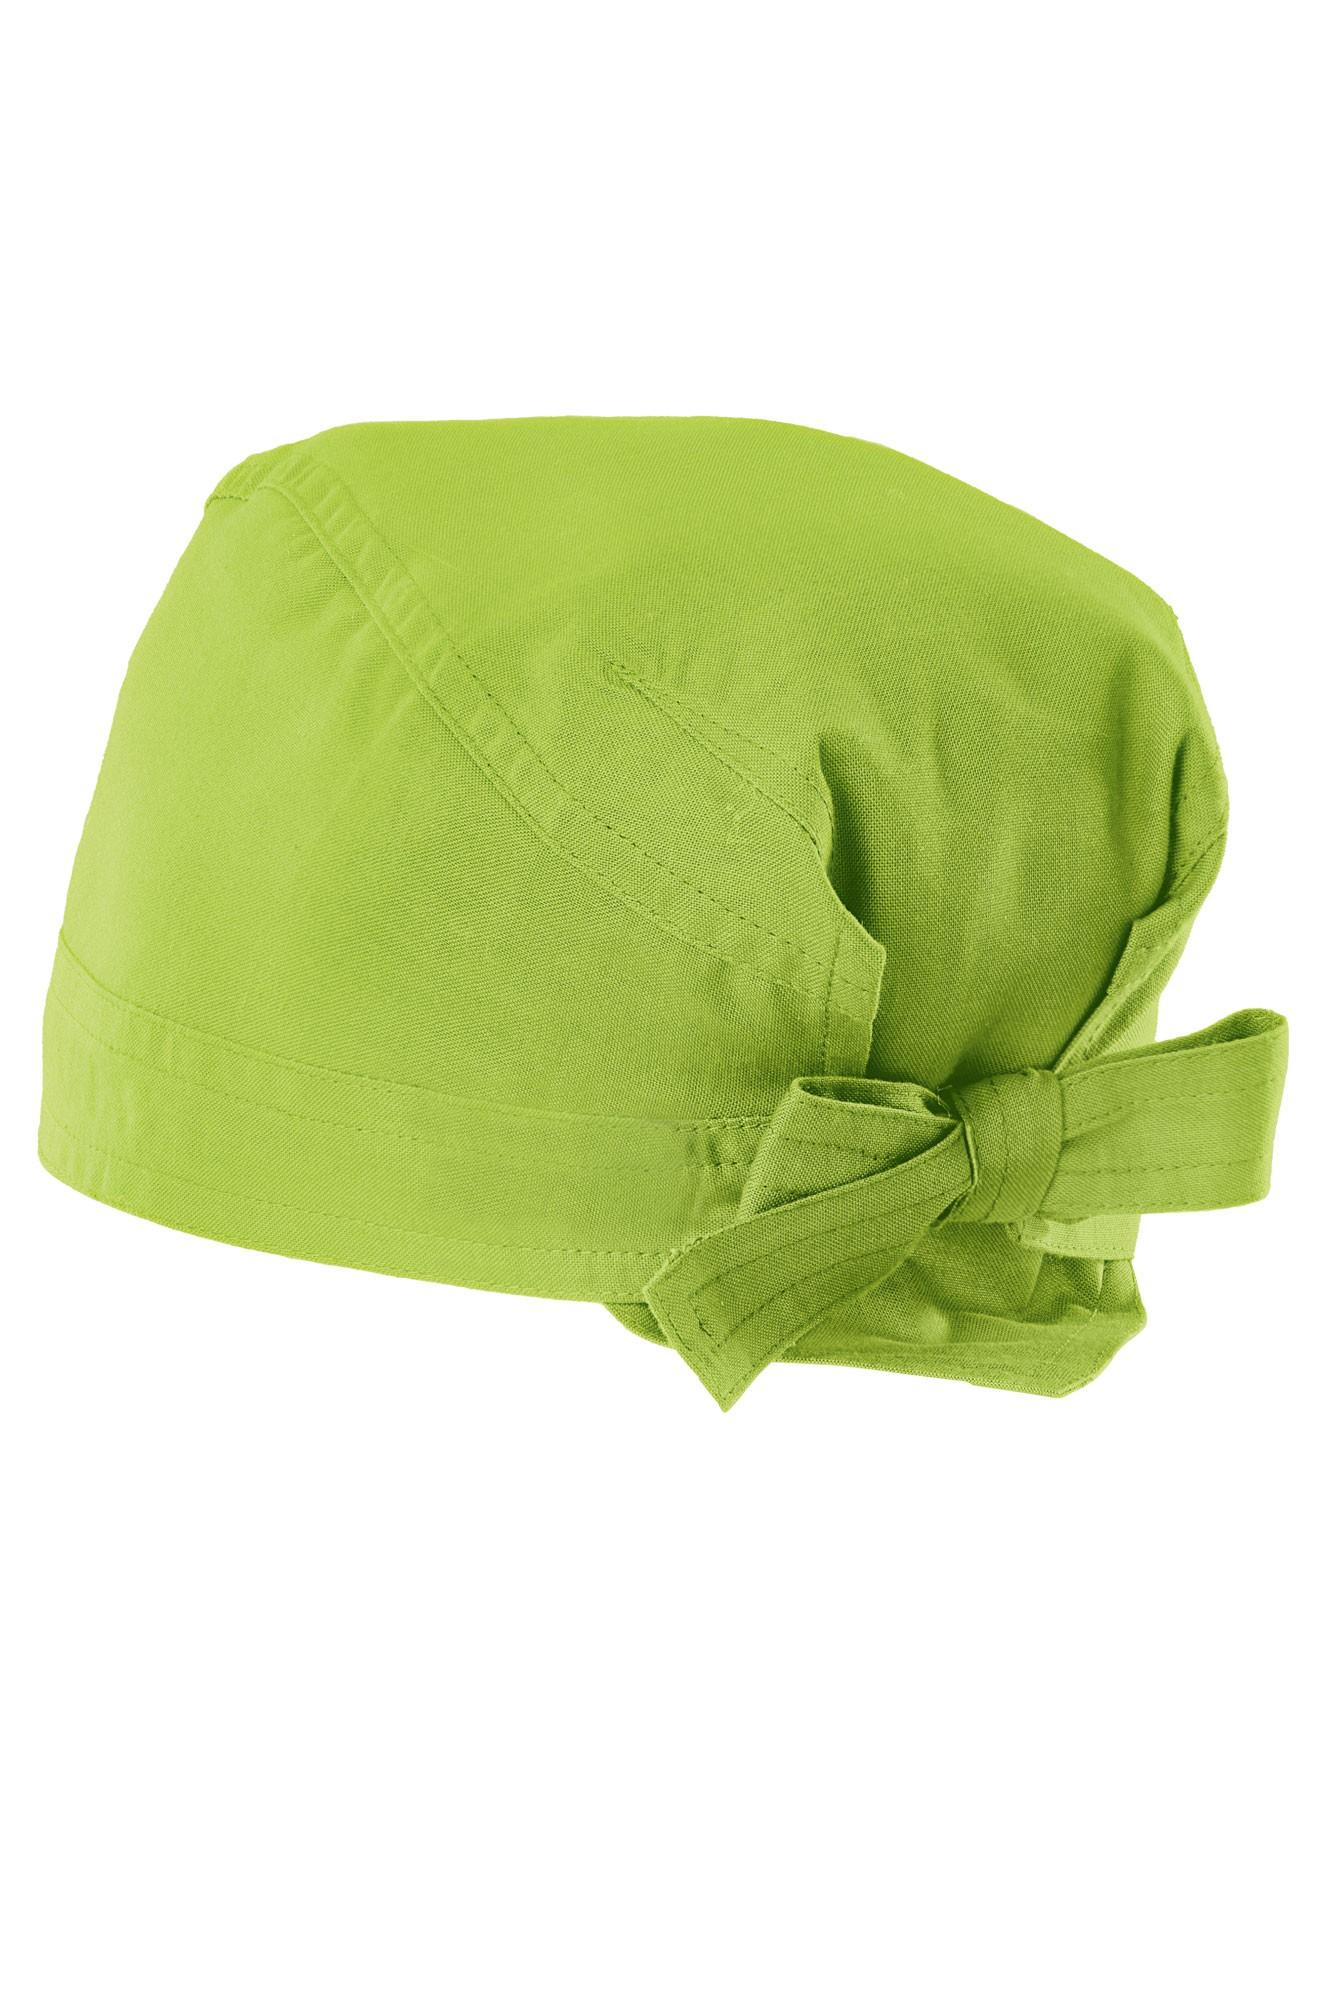 Šátek Bandana - zelené jablko